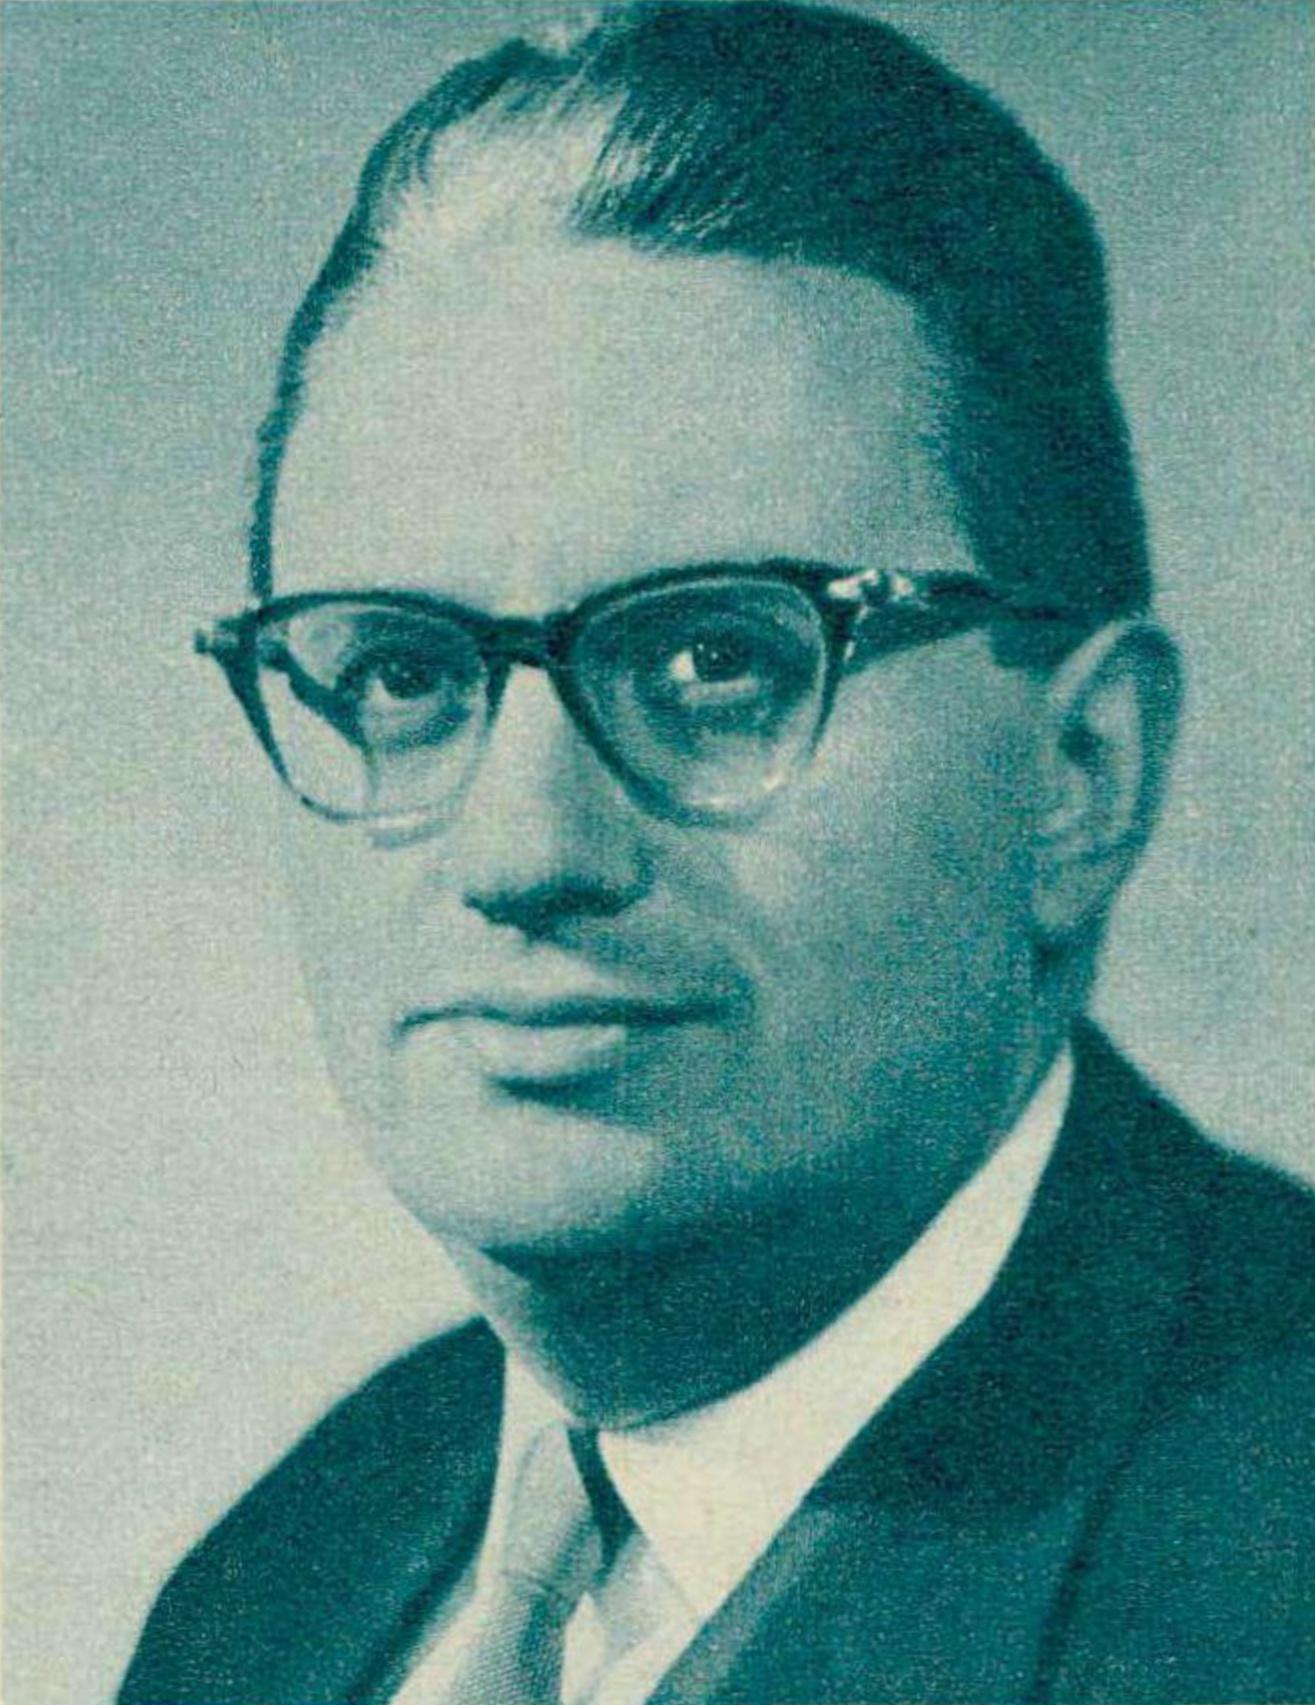 Derrik Olsen, un portrait fait par Photo Boissonnas, Genève, publiée entre autres dans la revue Radio TV Je vois tout du 23 février 1961, No 8, page 11, cliquer sur la photo pour une vue agrandie